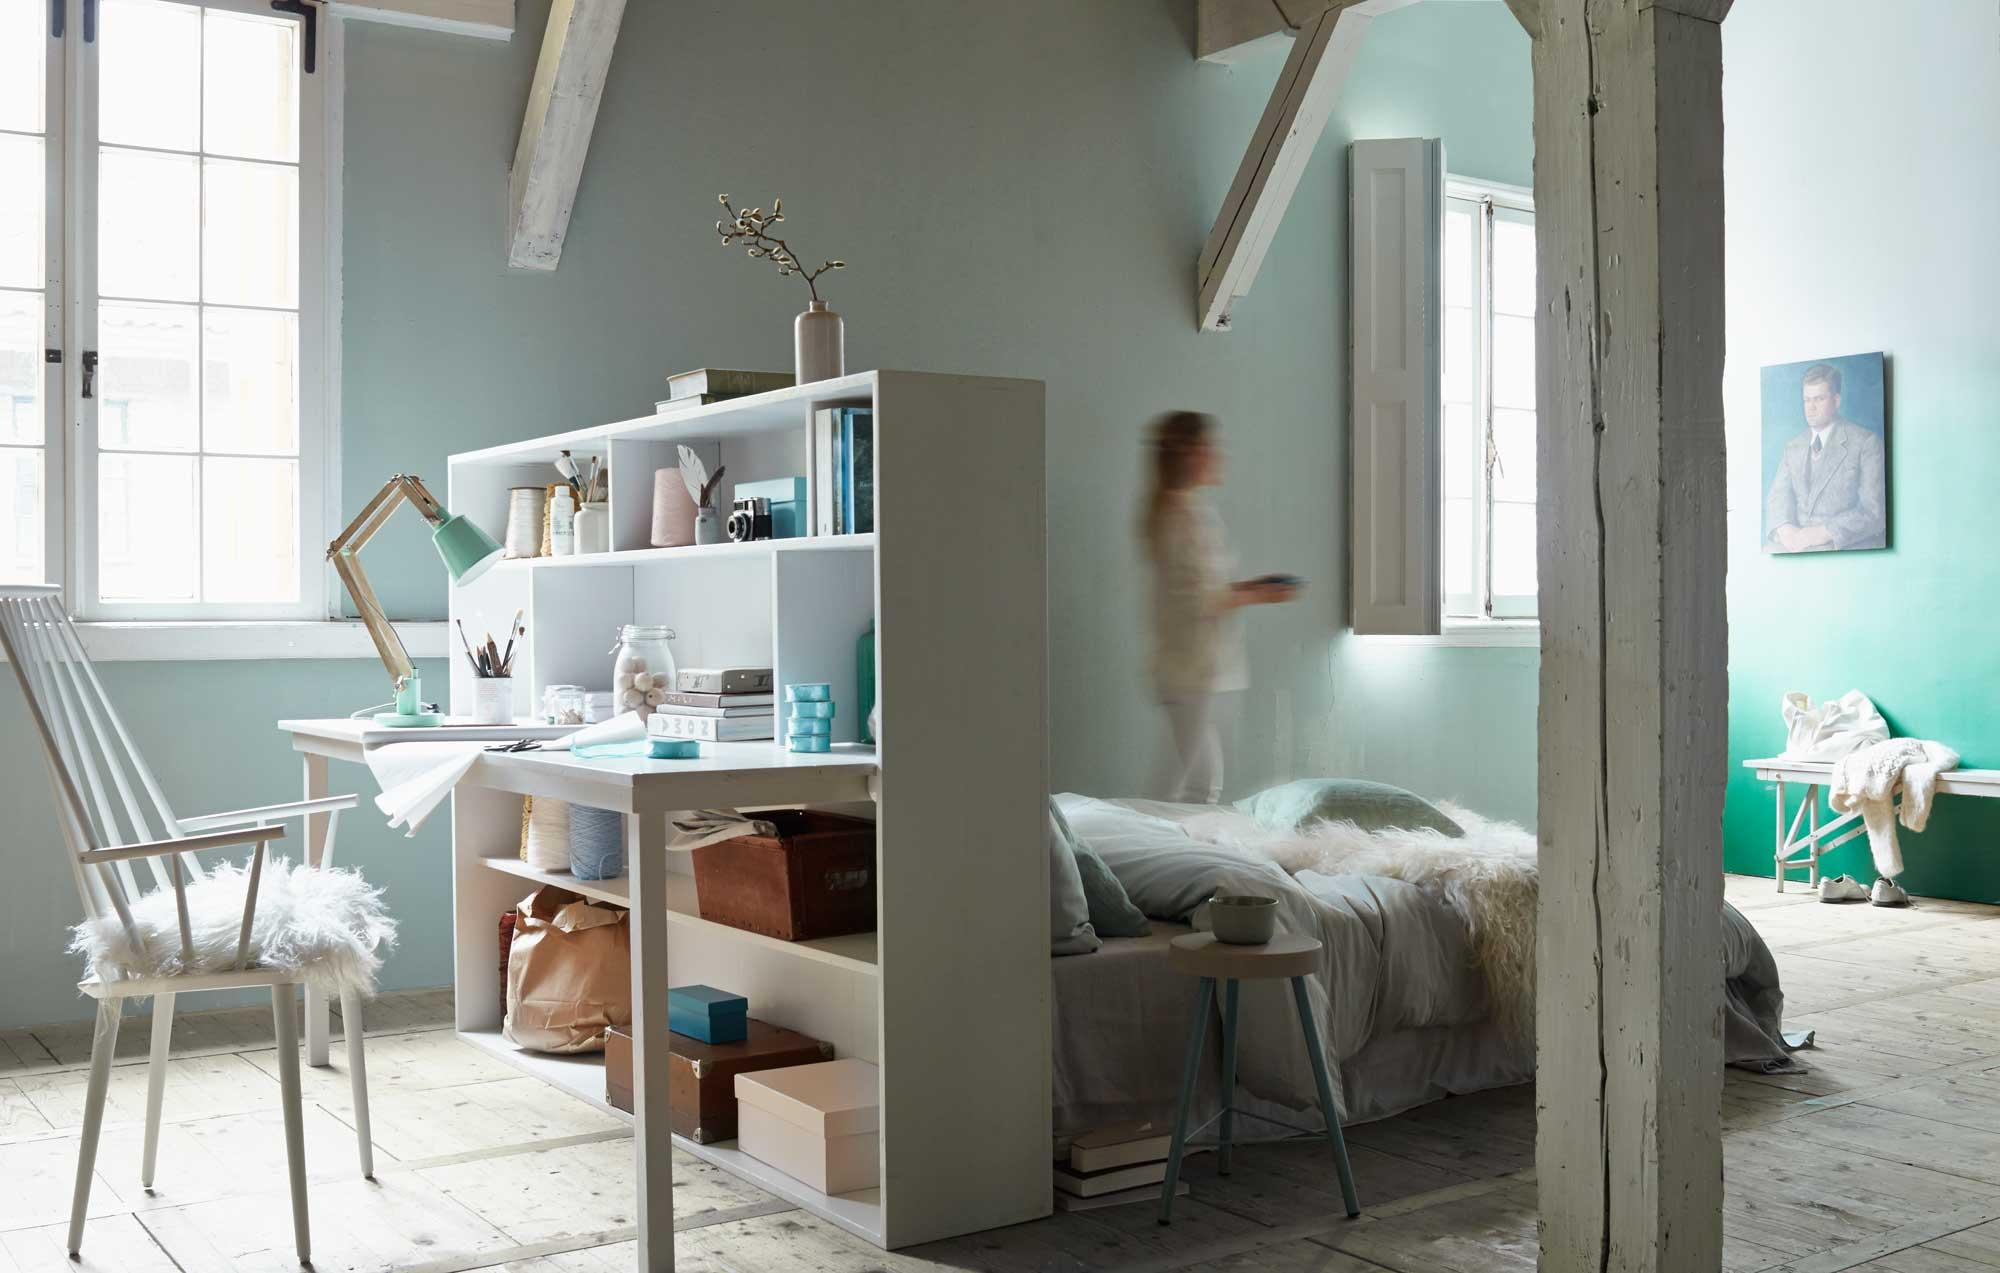 Slaapkamer Ideeen Vt Wonen : Roomdivider met meerdere functies ...